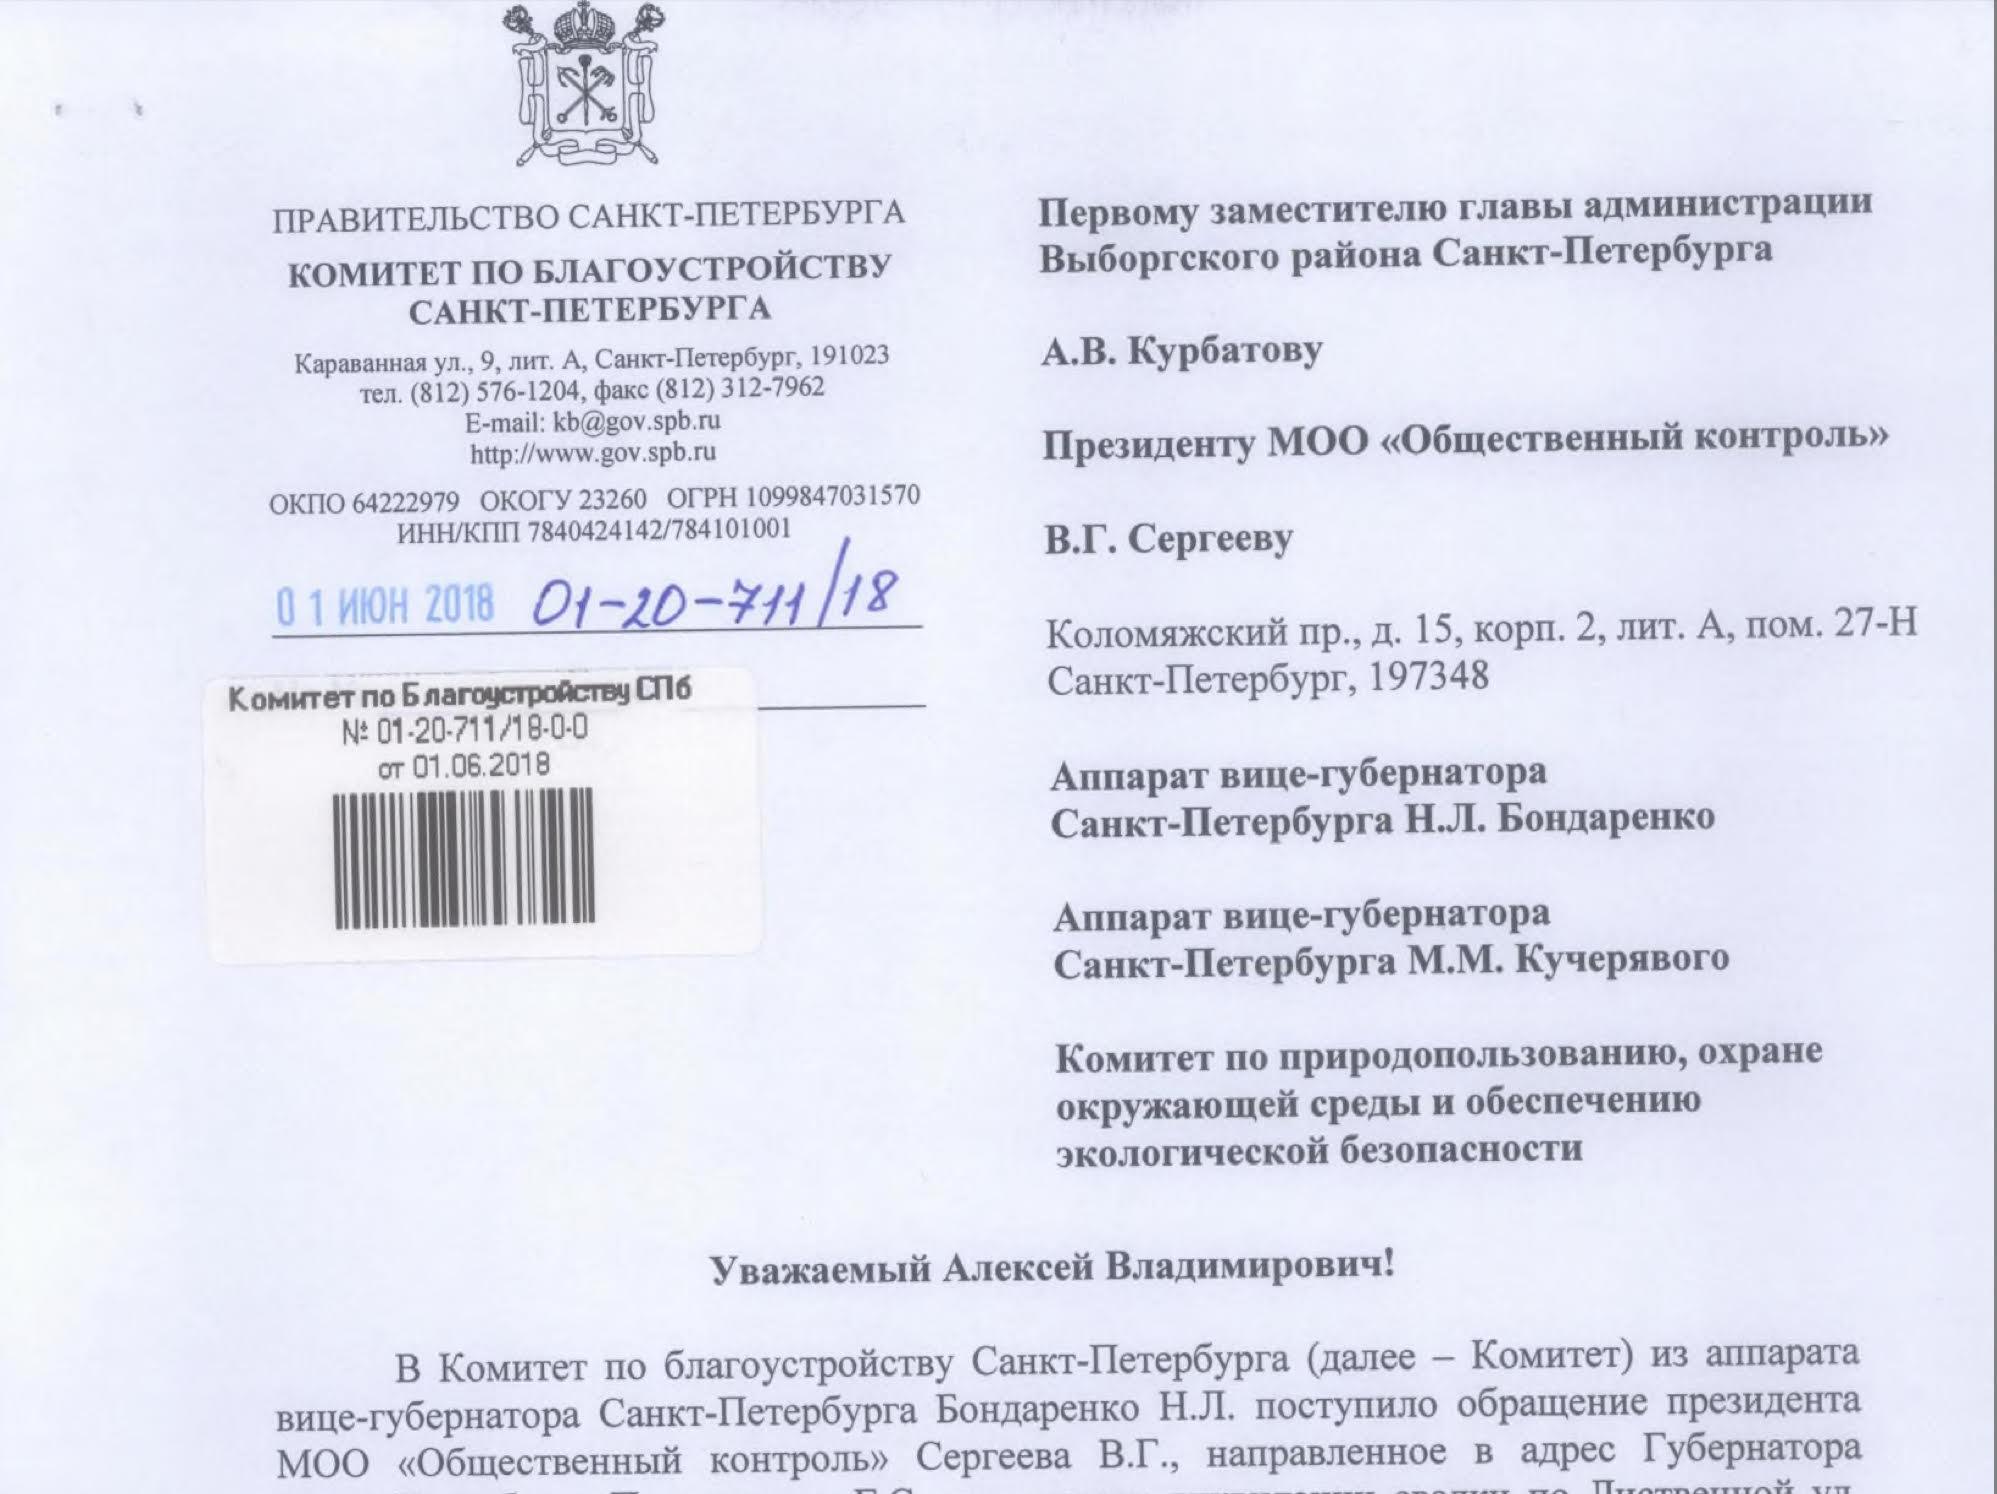 Ответ Комитета по благоустройству Санкт-Петербурга на обращение МОО «Общественный контроль» по вопросу свалки в парке Сосновка по Лиственной улице на месте снесенных гаражей.